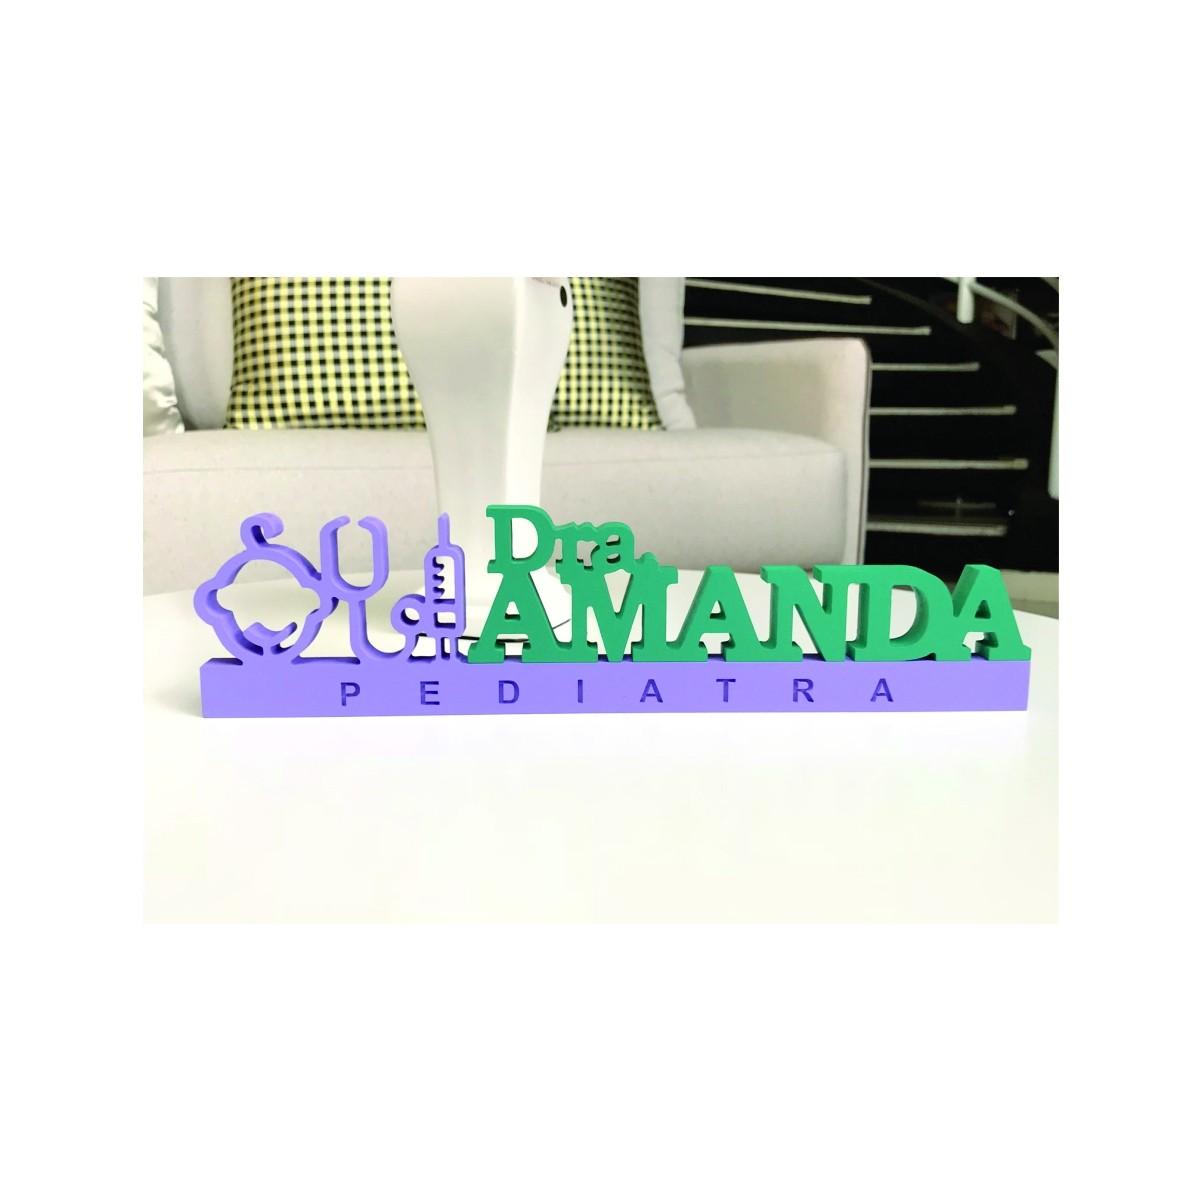 Placa de Mesa - Profissões - Pediatra | Pediatria - Personalizavel | Personalizado - 50x20cm